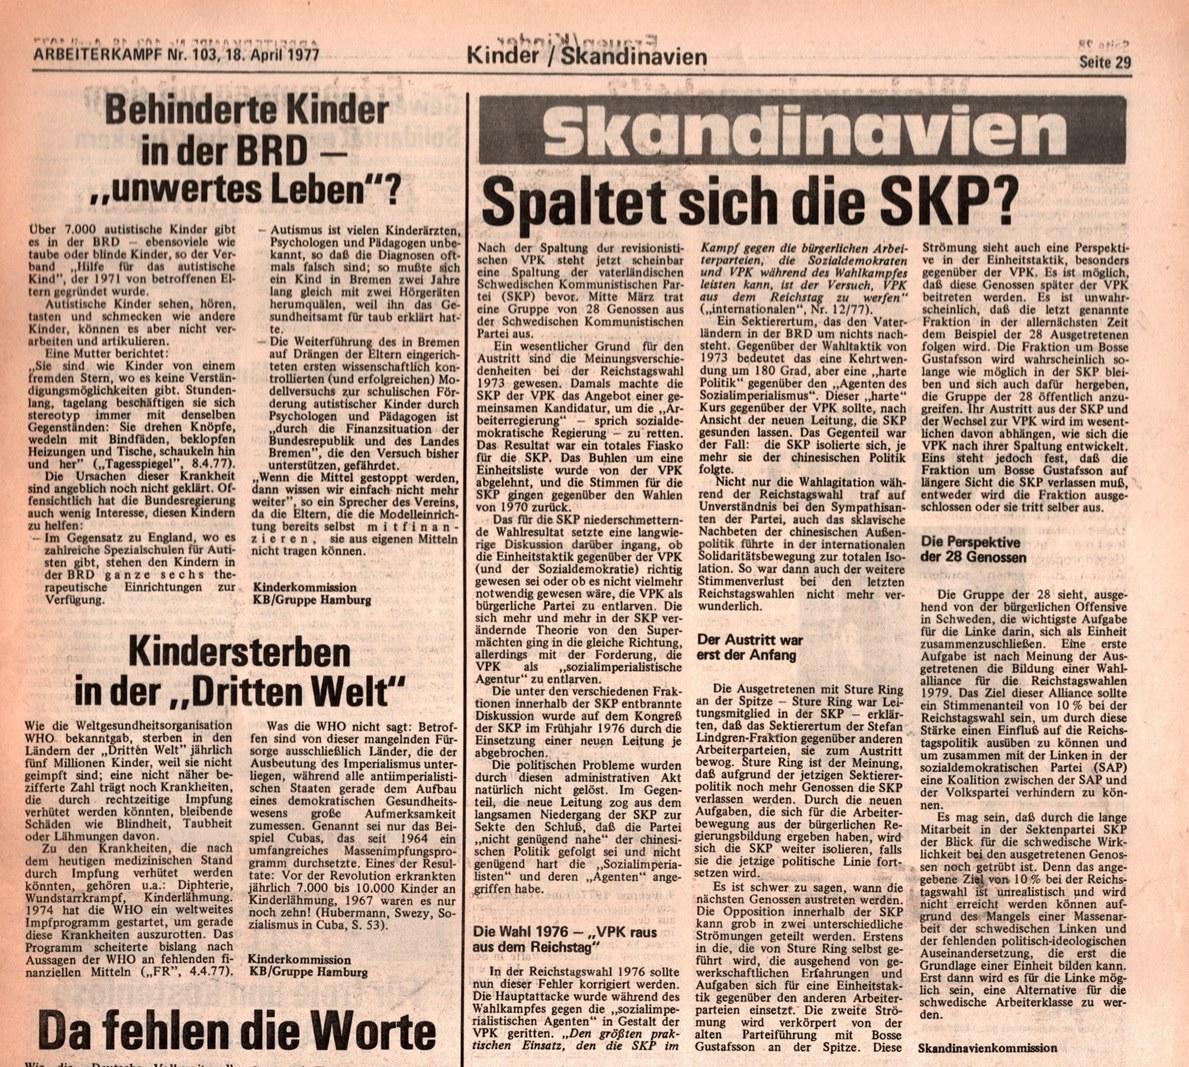 KB_AK_1977_103_057